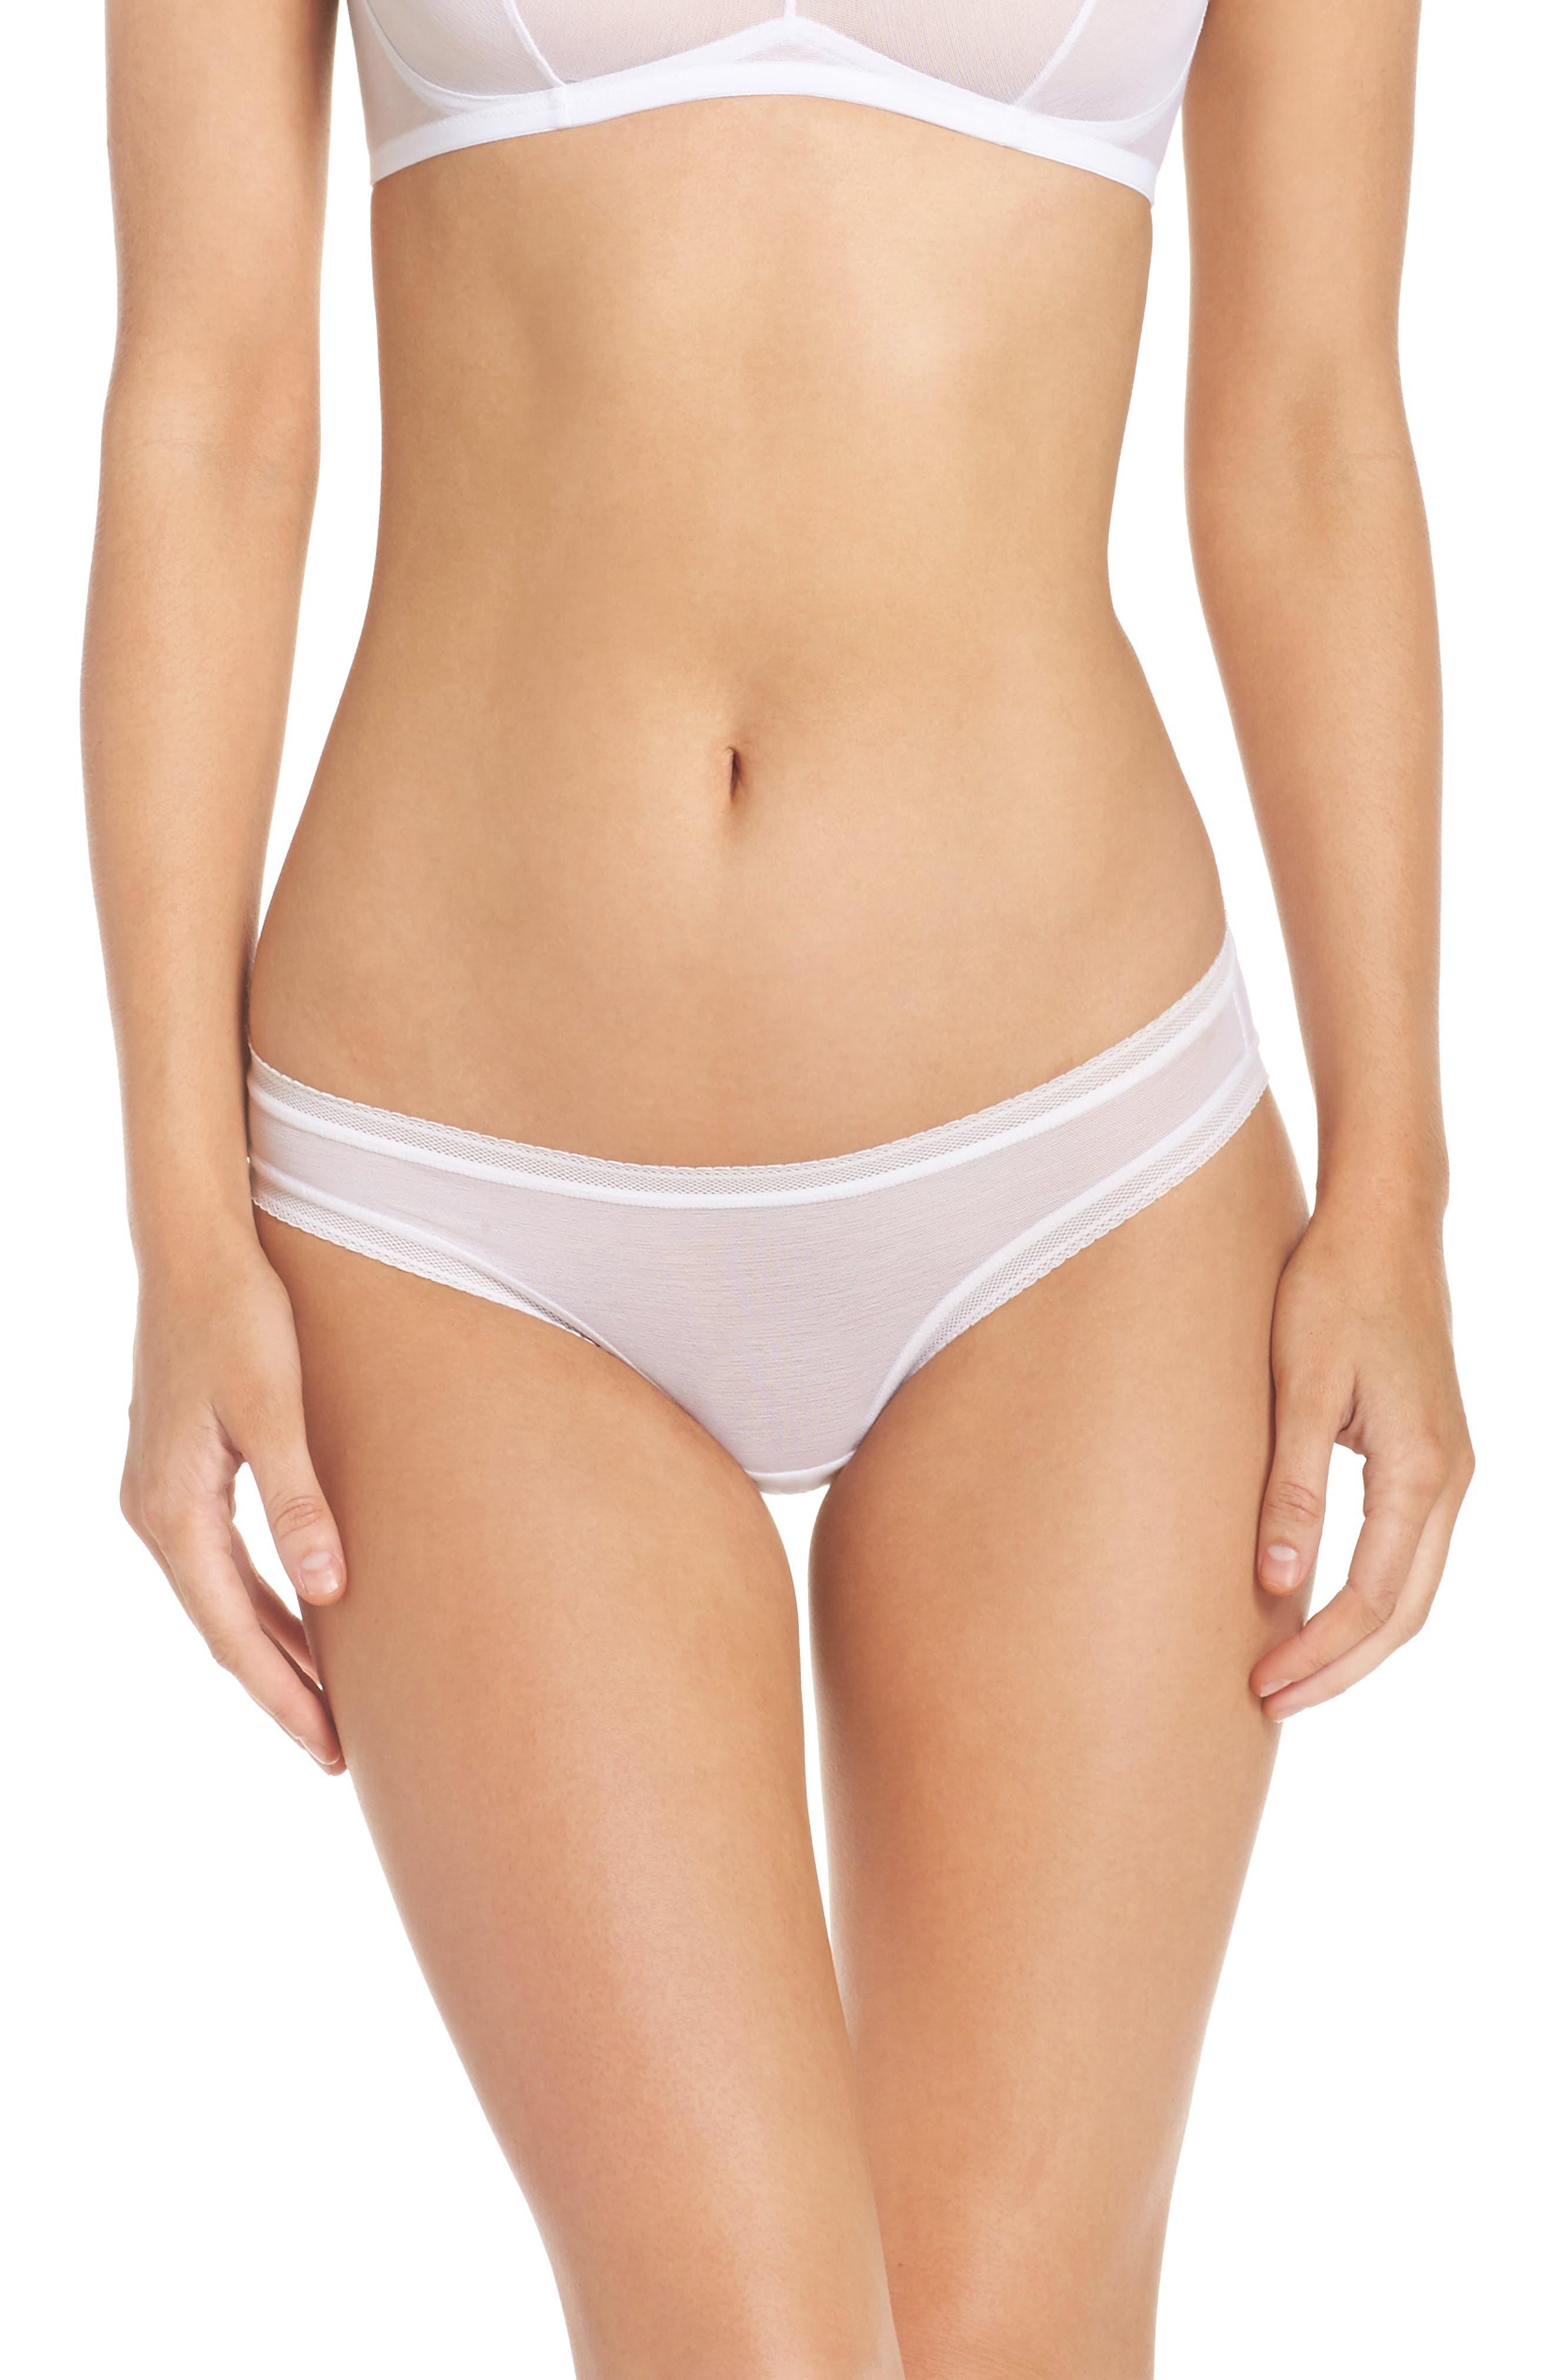 Alternate Image 1 Selected - On Gossamer Mesh Bikini